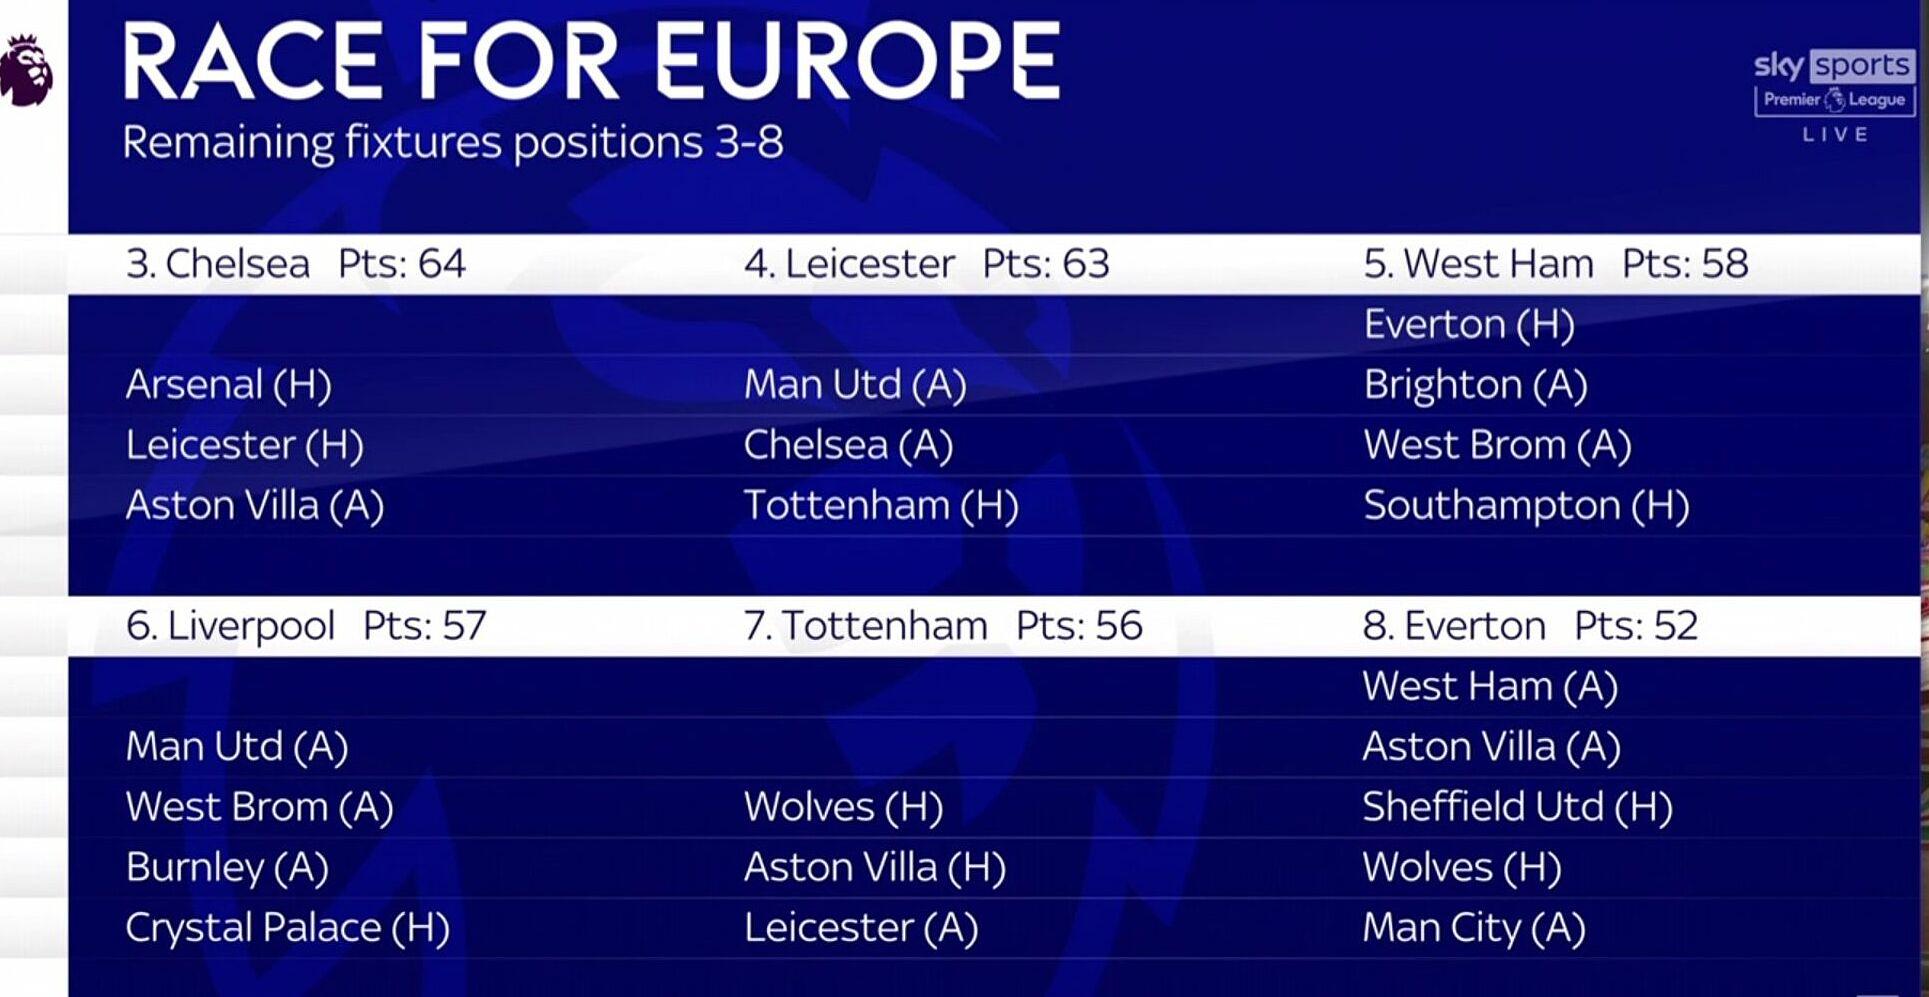 Lịch đấu các trận còn lại của nhóm đua tranh suất dự các cup châu Âu mùa tới, sau hai đội chắc chắn dự Champions League mùa sau là Man Utd và Man City. Ảnh: Sky Sports